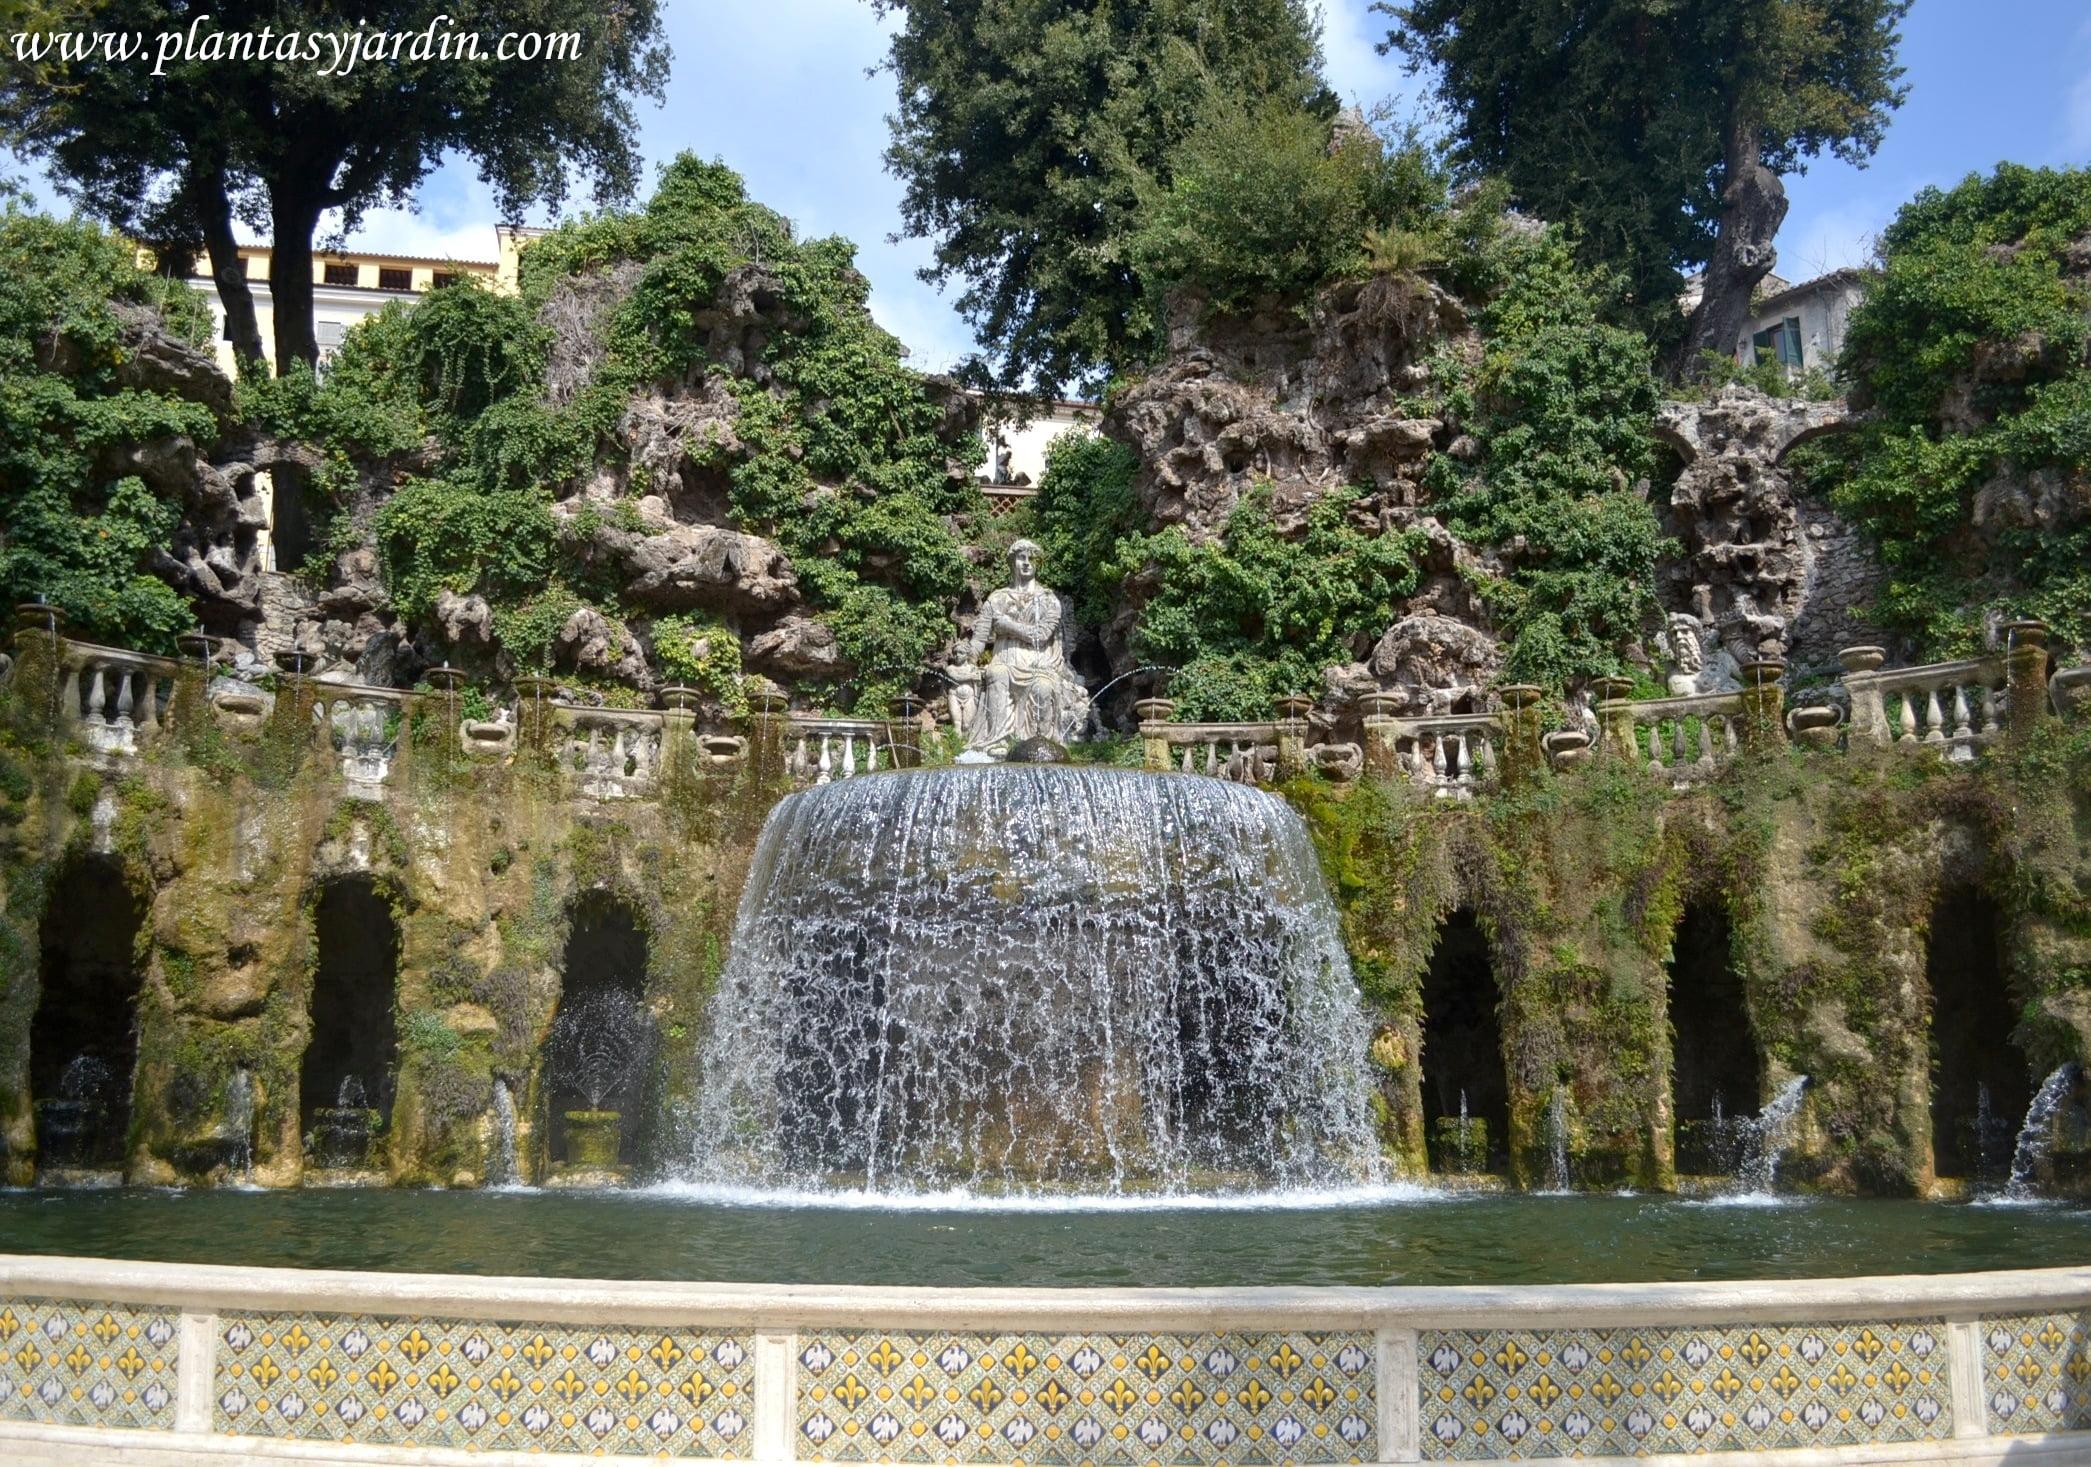 Fuente de tivoli o del ovario en villa d 39 este jardines for Jardin tivoli